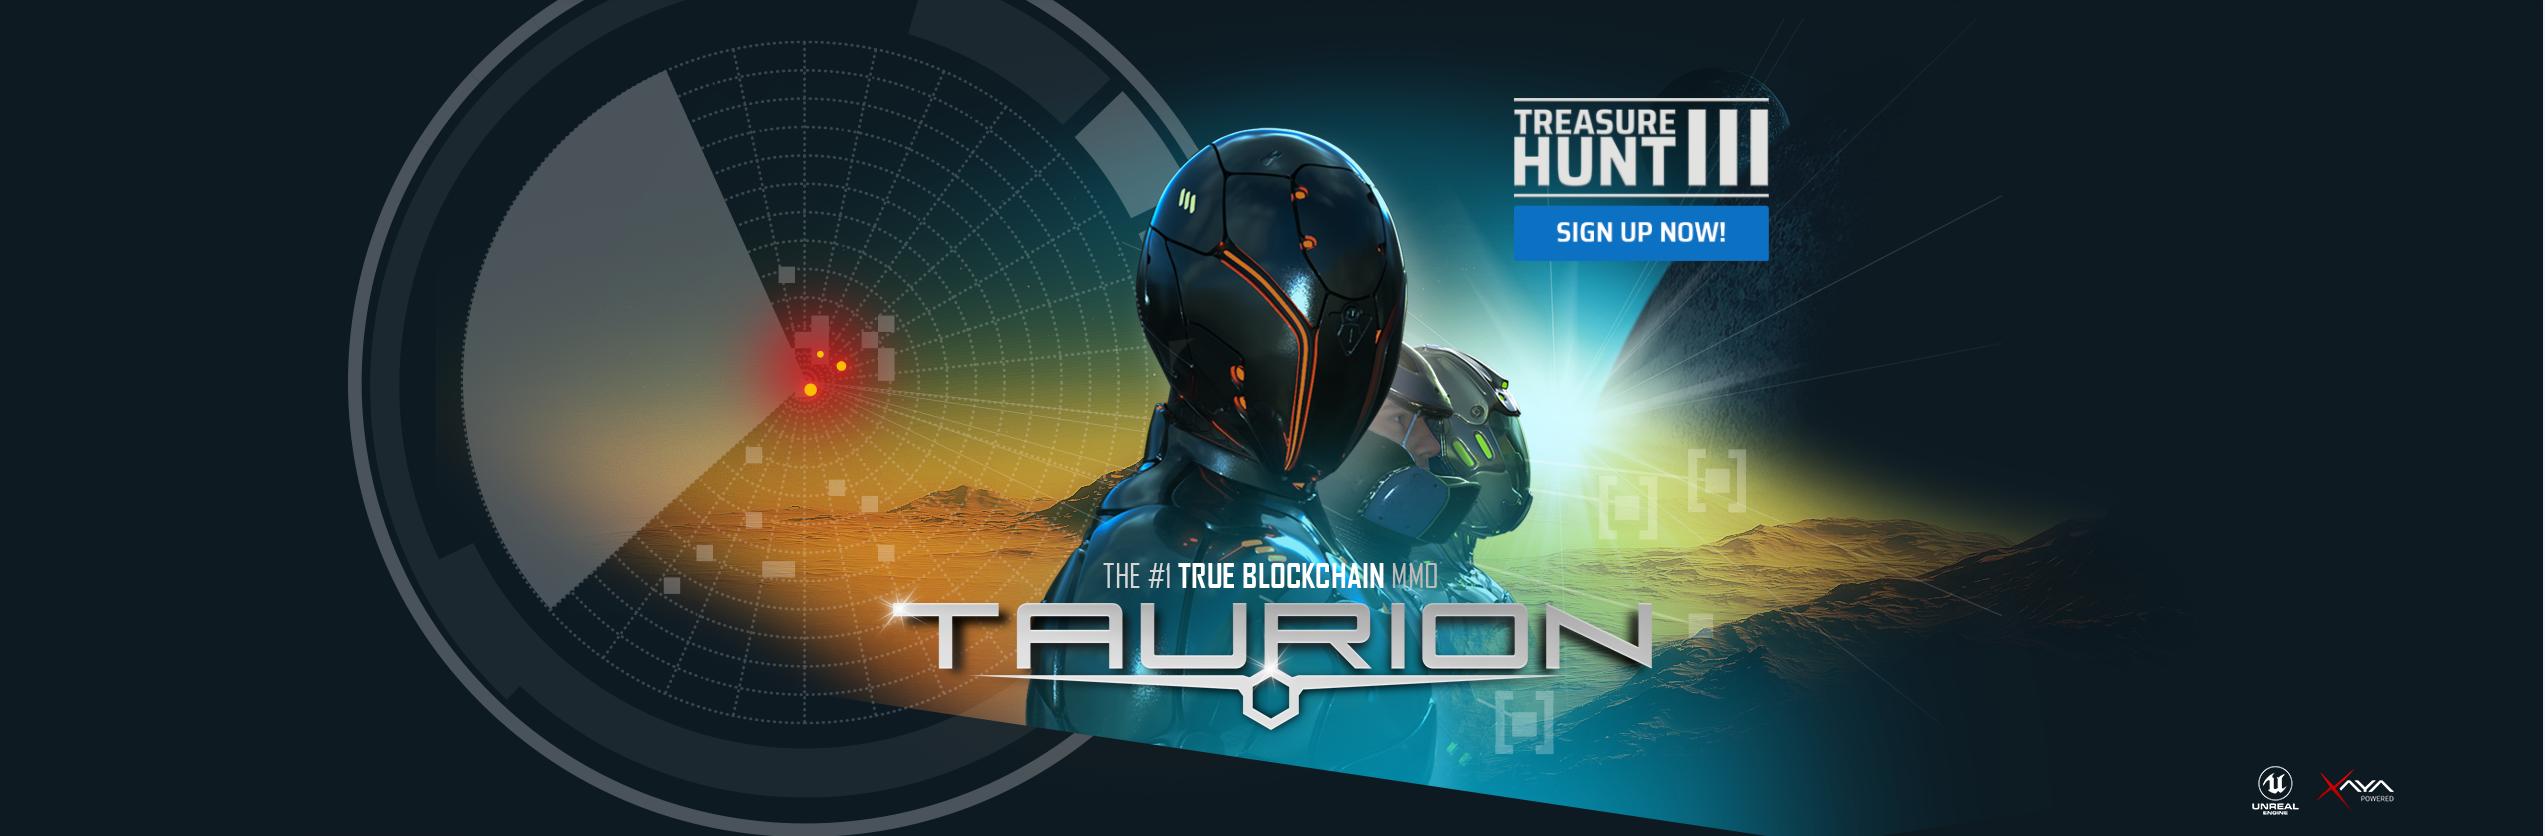 Kochasz gry online i kryptowaluty? – Sprawdź produkcję Taurion